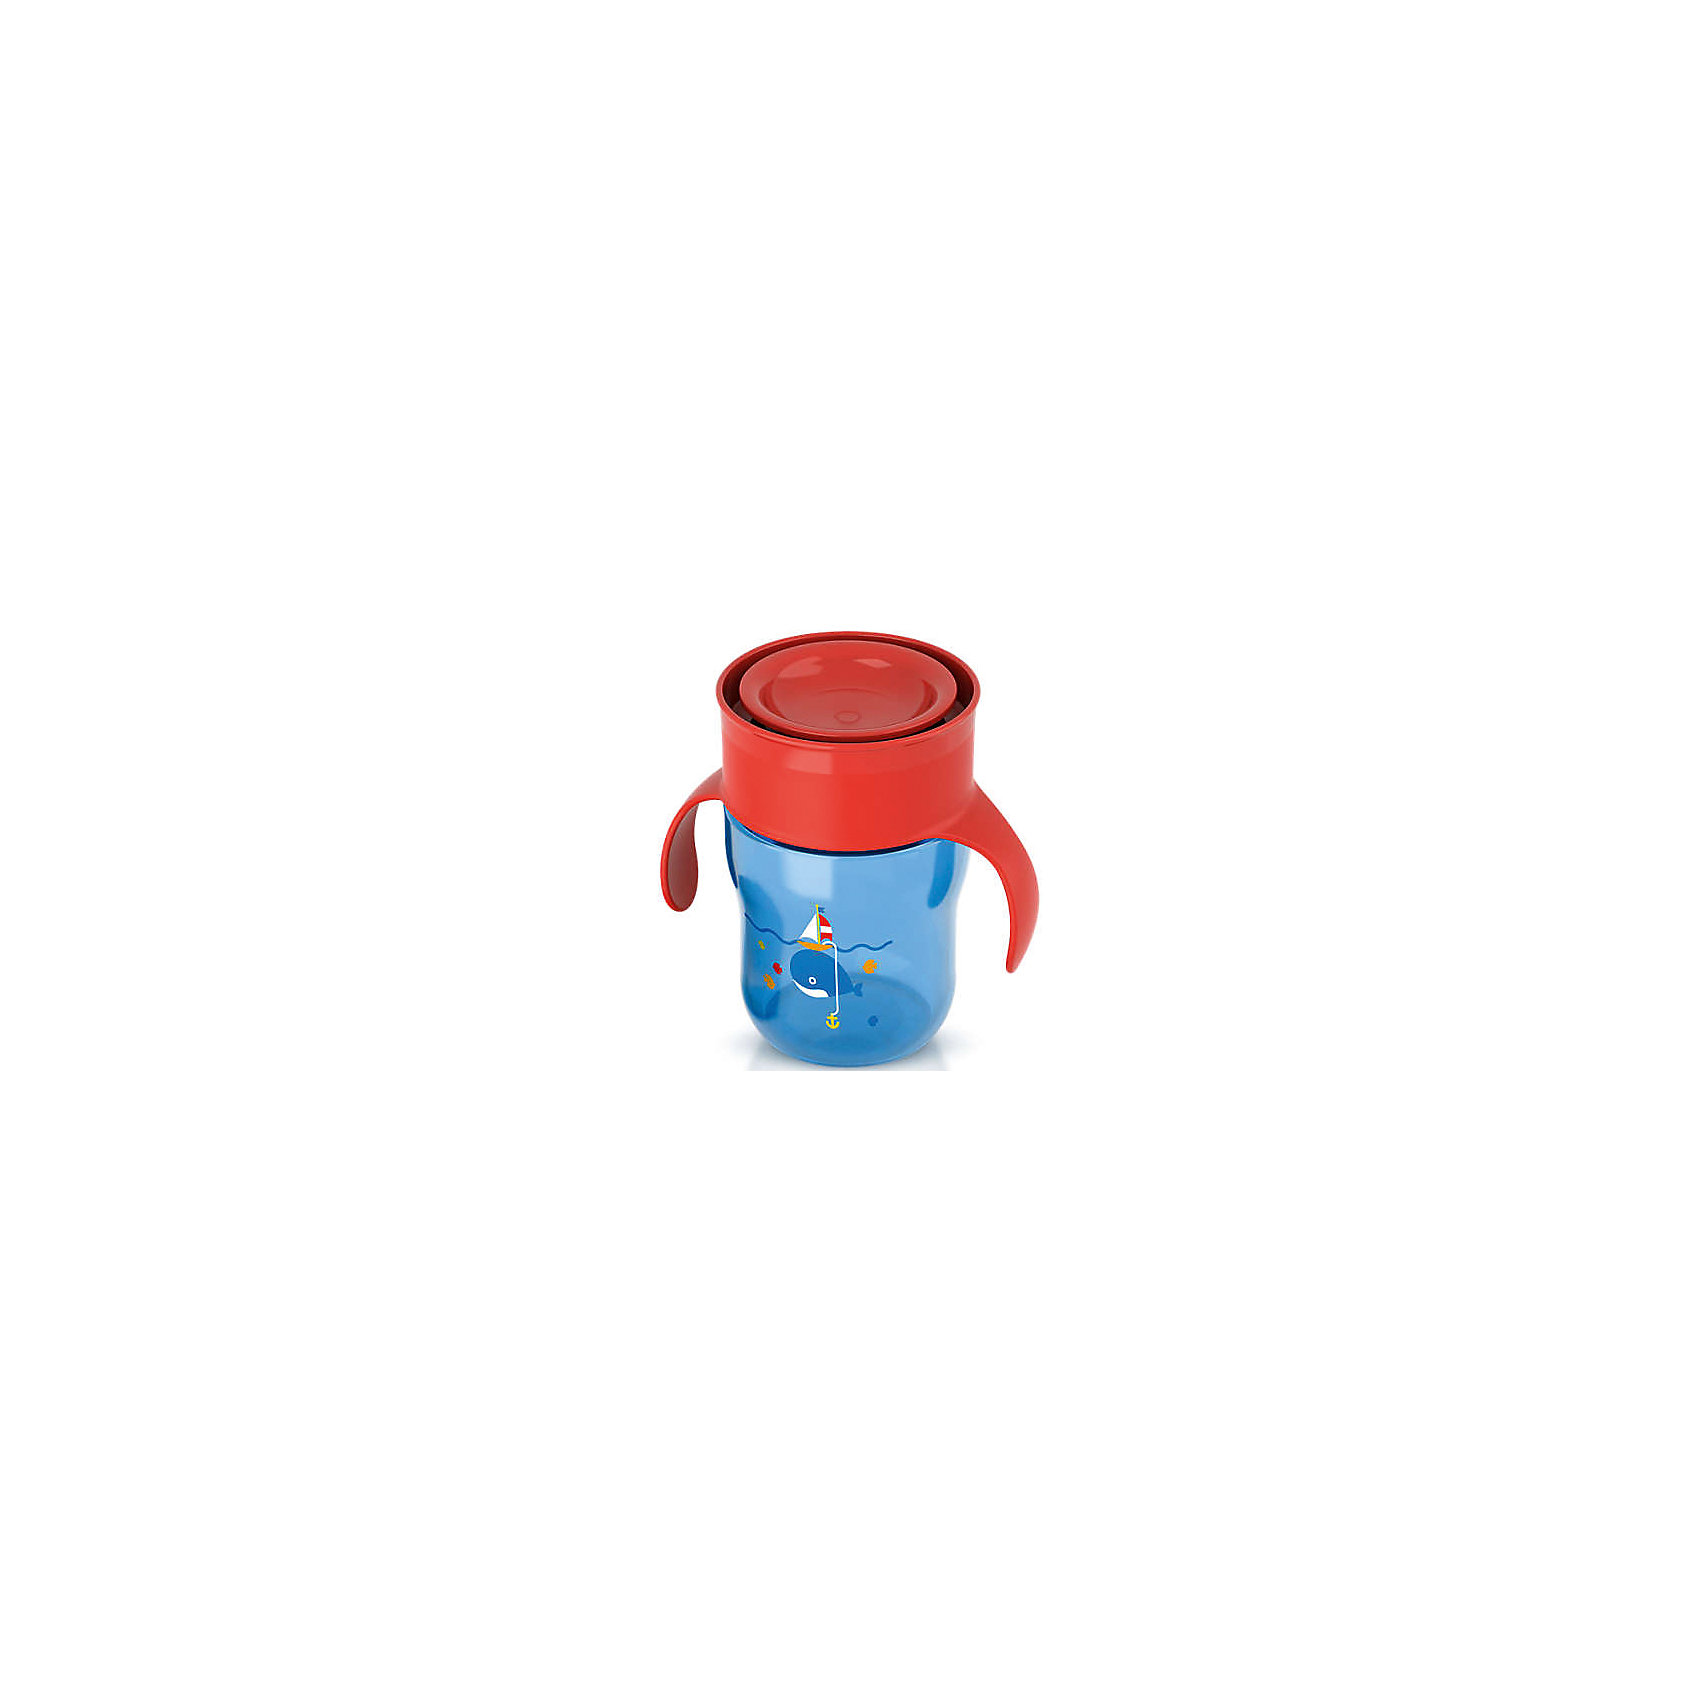 Чашка-поильник с ручками, с 12 мес., 260 мл., Philips Avent, синий/красный